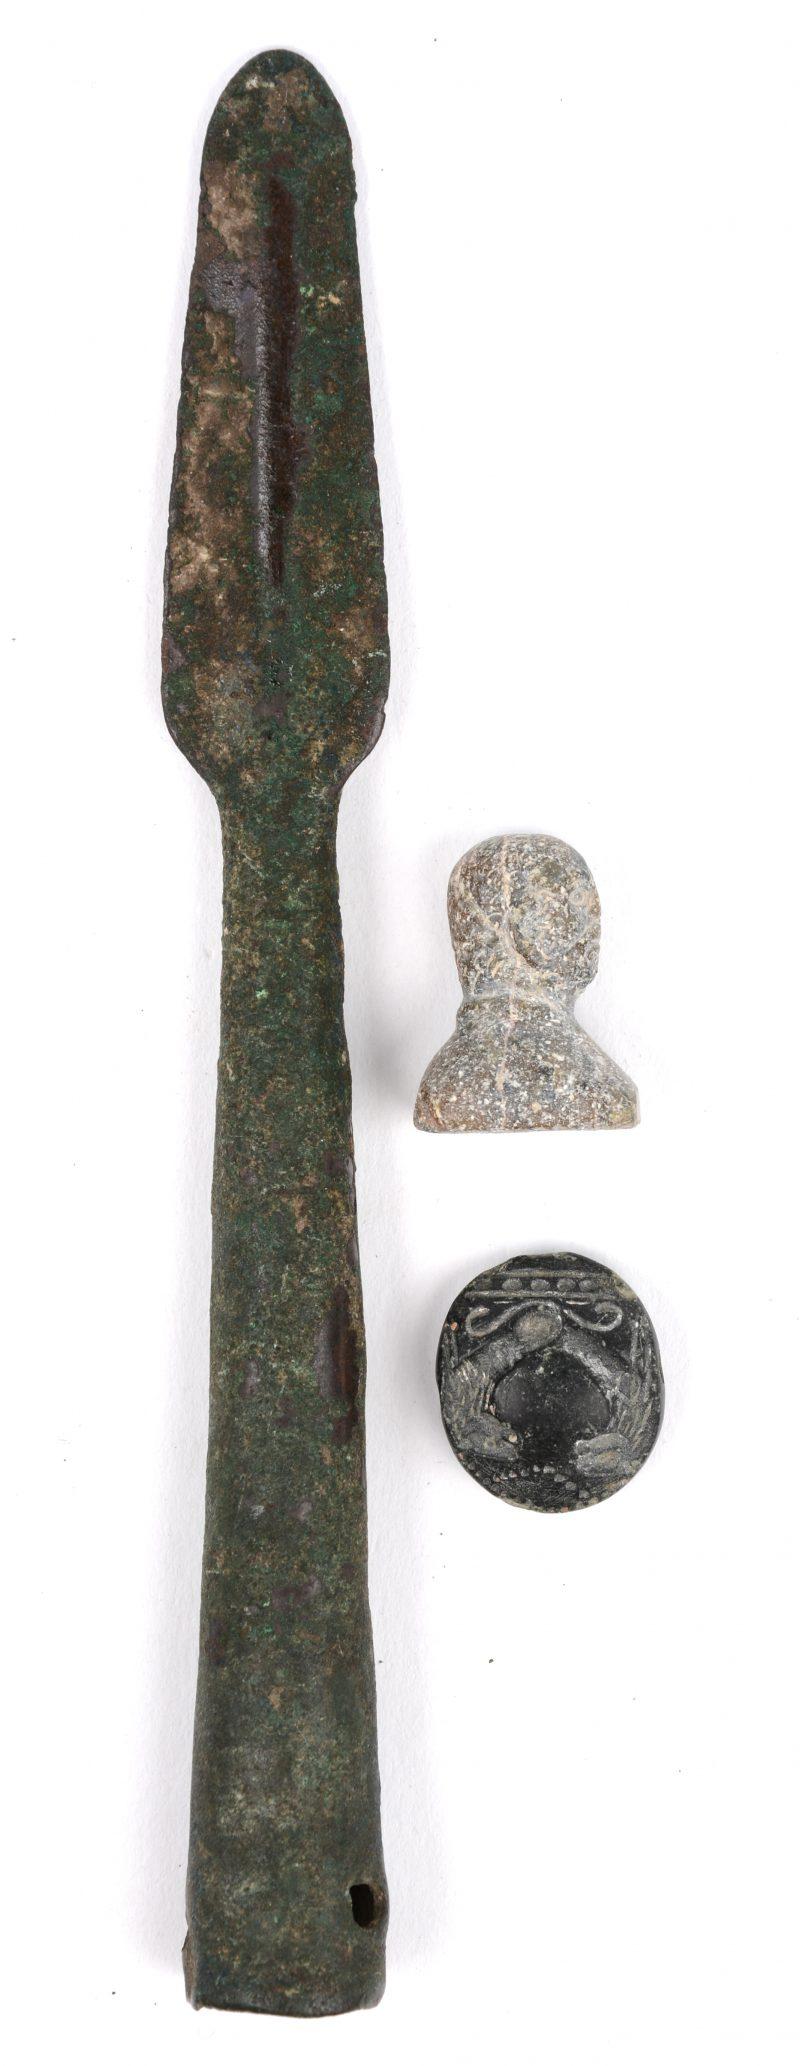 Een lot van drie archeologische vondsten. Een bronzen punt van een Romeinse pilum (L. 19 cm). Een stenen zegel (Ø 2,5 cm), Minoïsche beschaving, ca 1800 v.C. Een kalkstenen zegel (H. 3 cm), Minoïsche beschaving ca 800 v.C.